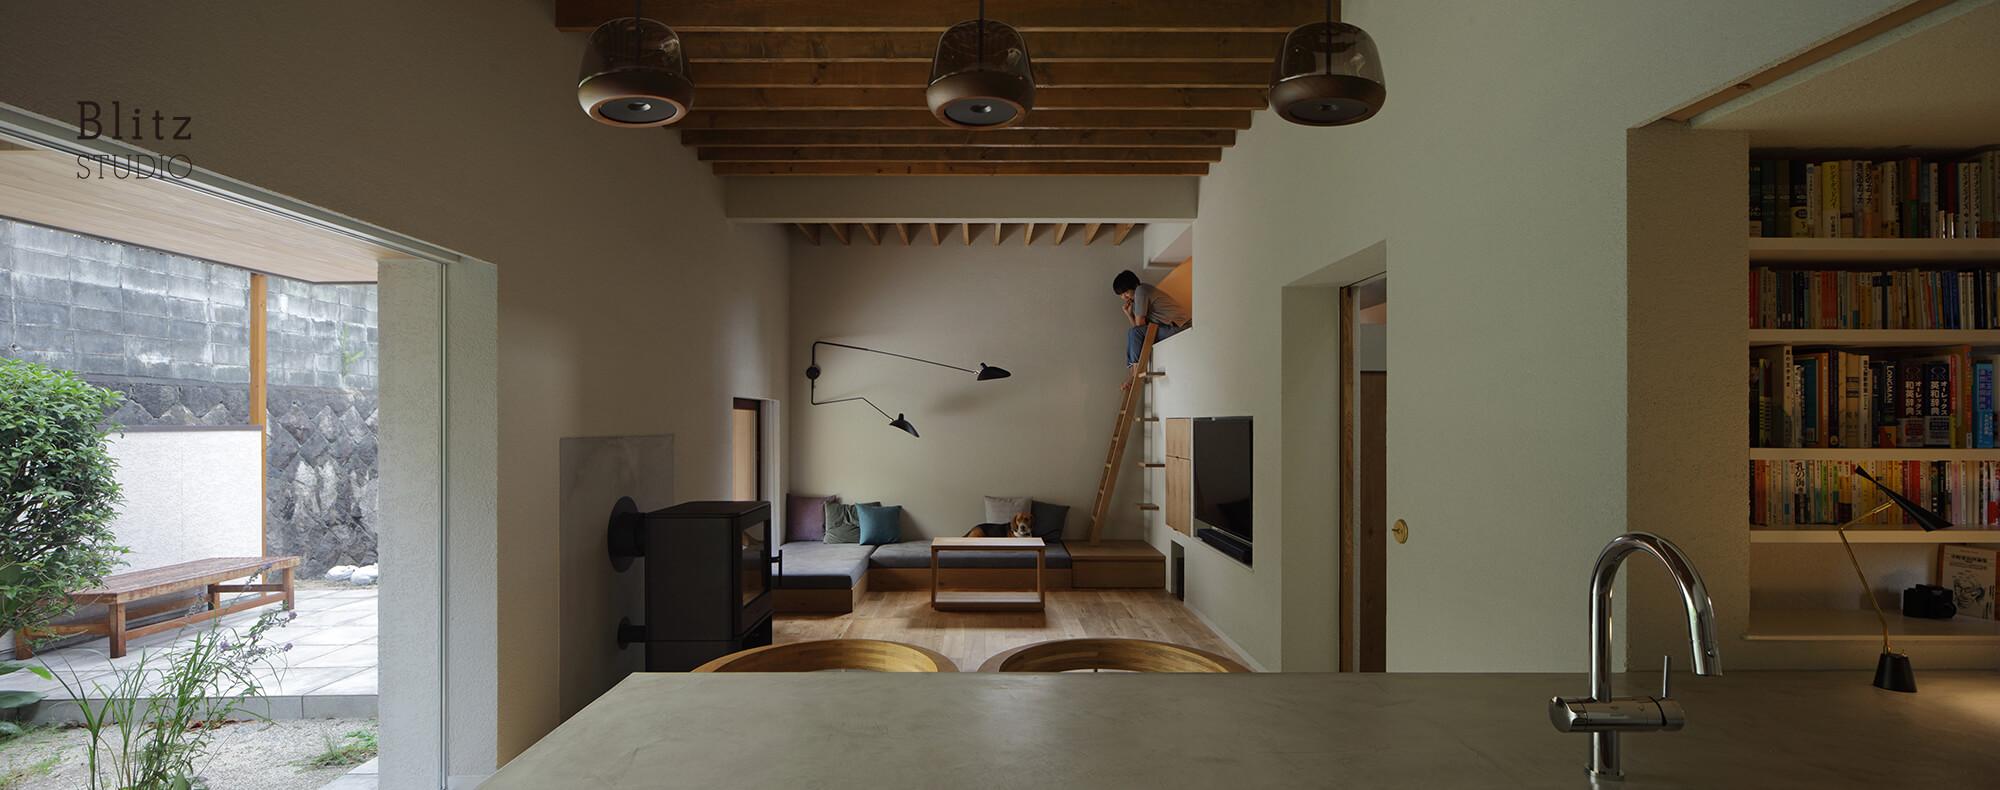 『grid house』建築写真・竣工写真・インテリア写真9